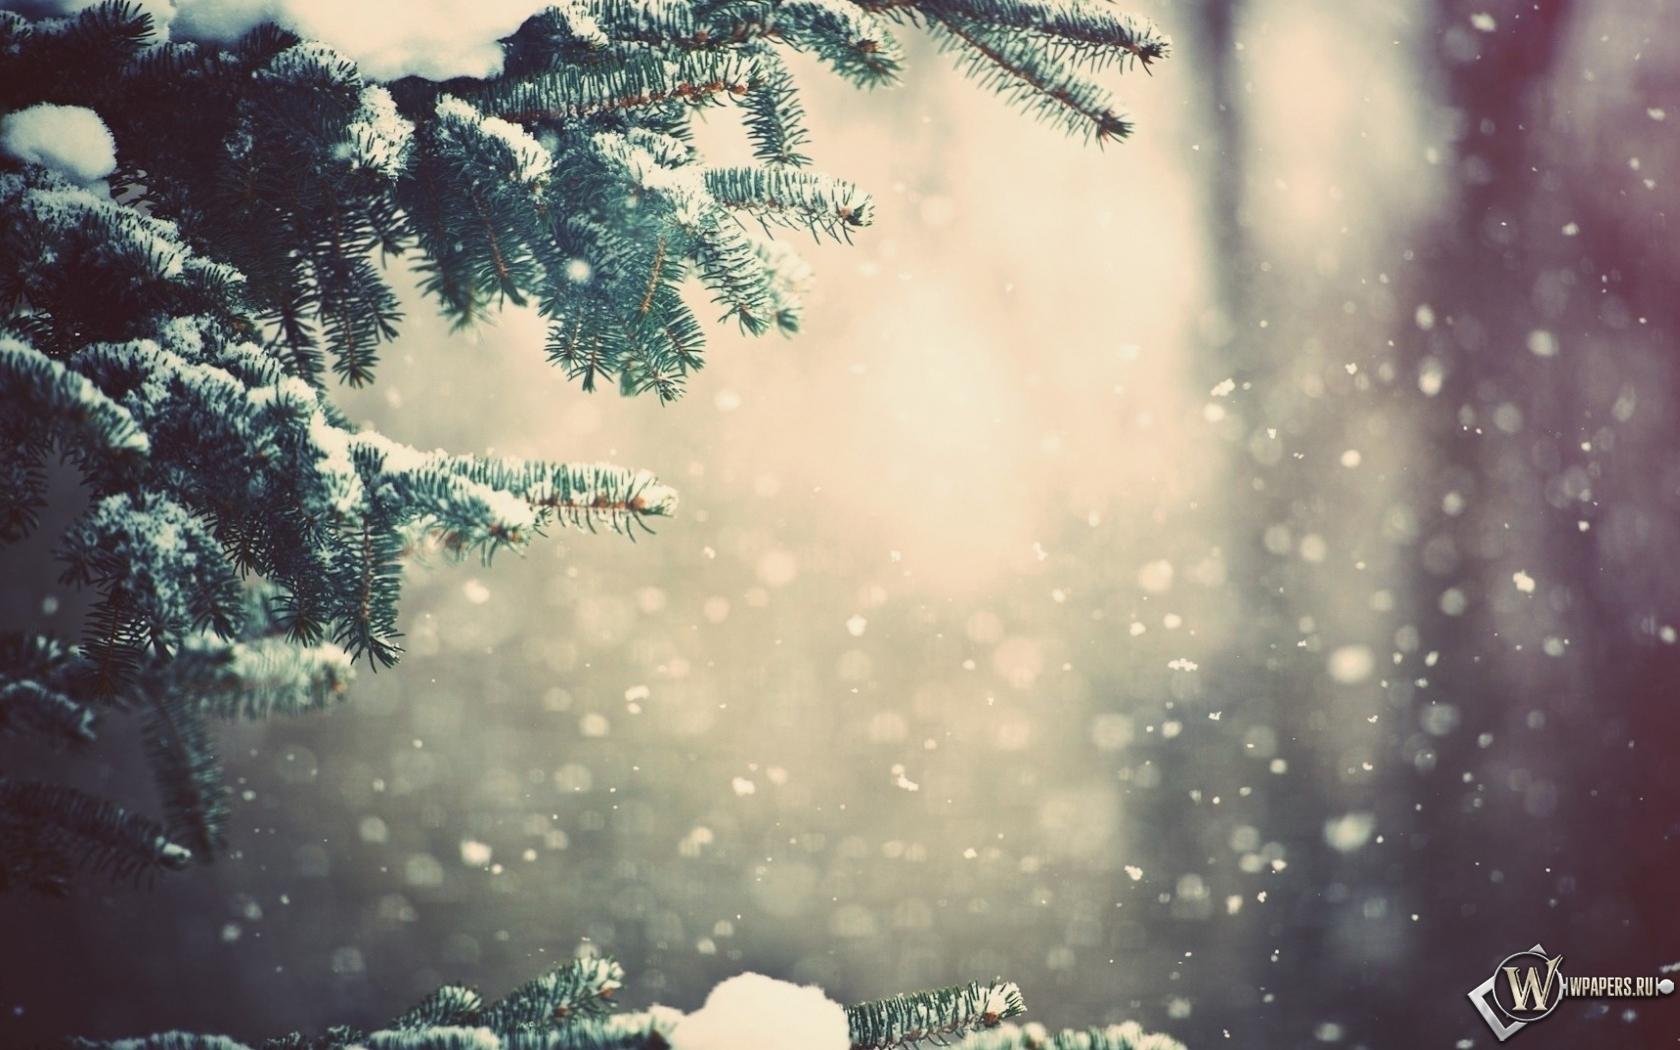 Зимний лес 1680x1050